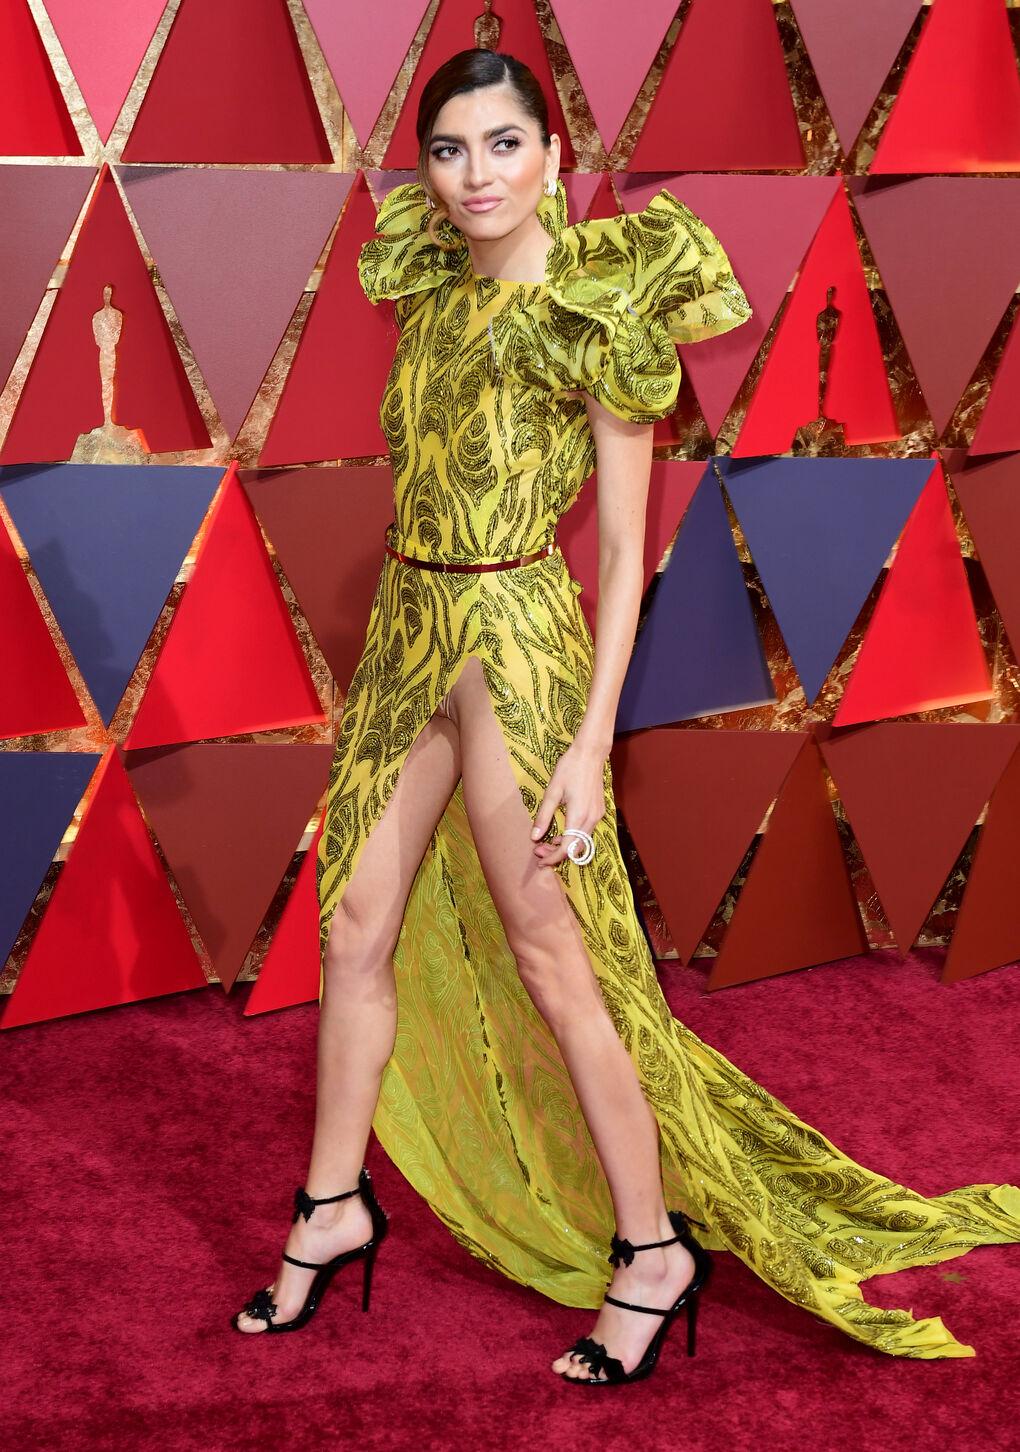 Blanca Blanco, la actriz que enseñó sus partes más íntimas en los premios Oscar